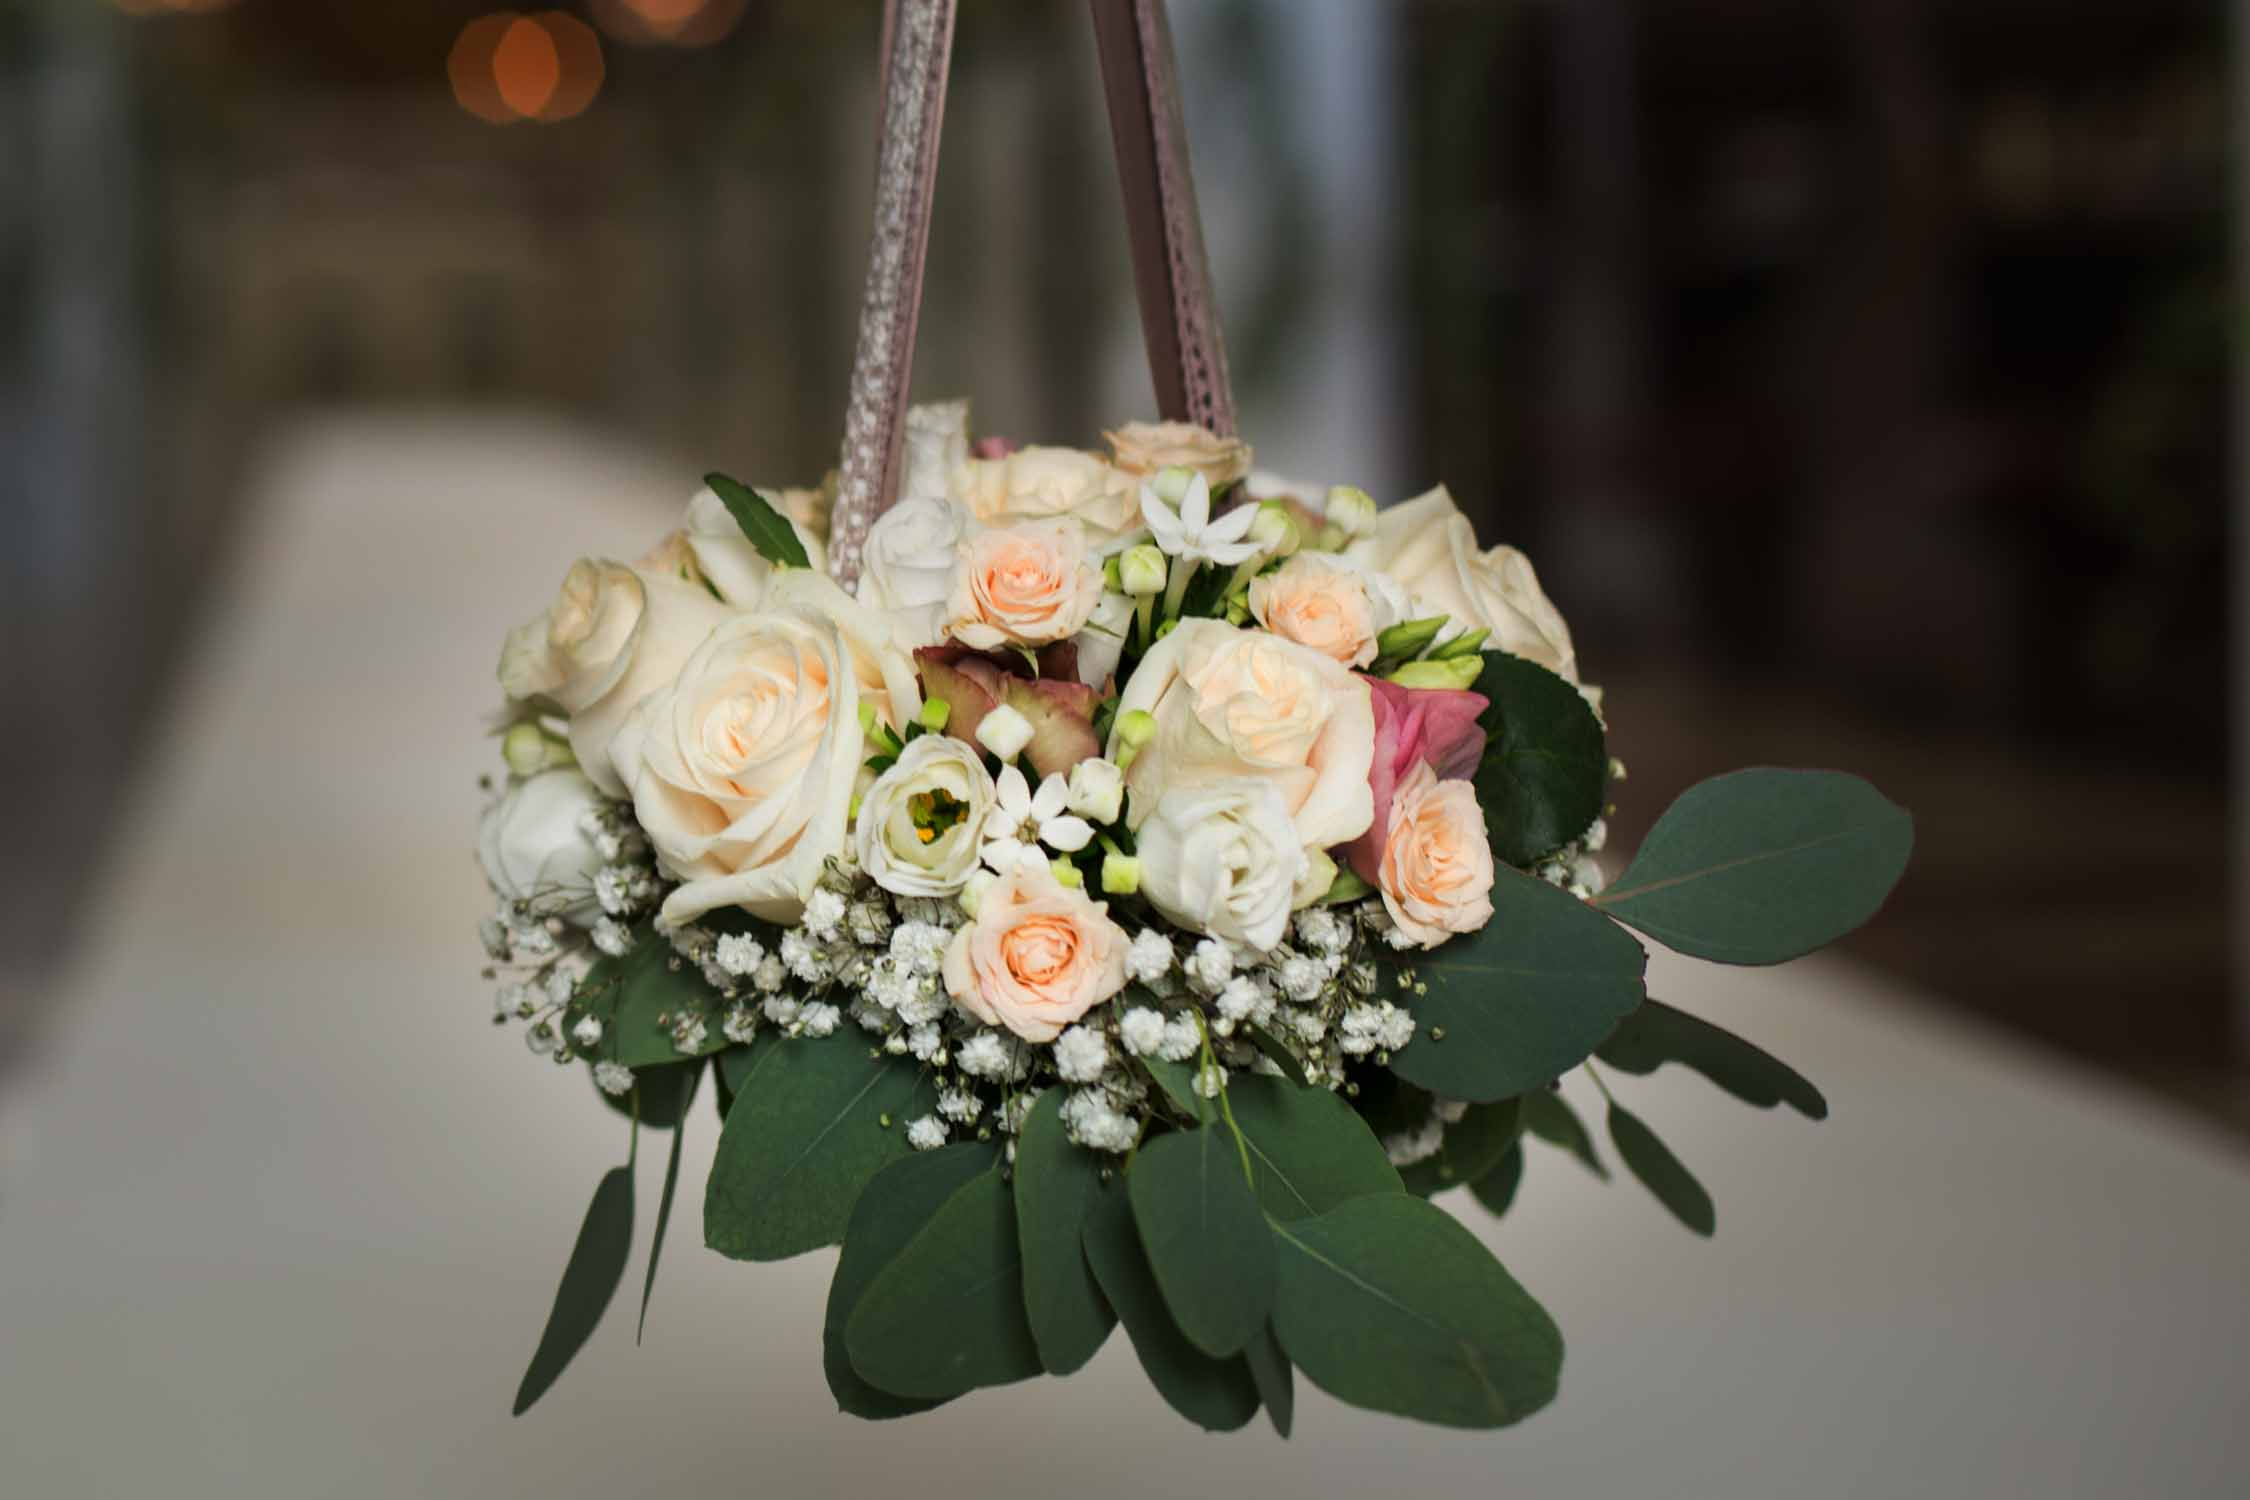 Rustici Matrimonio Vicenza : Fotografo matrimonio prezzi e riflessioni ⋆ fotografa